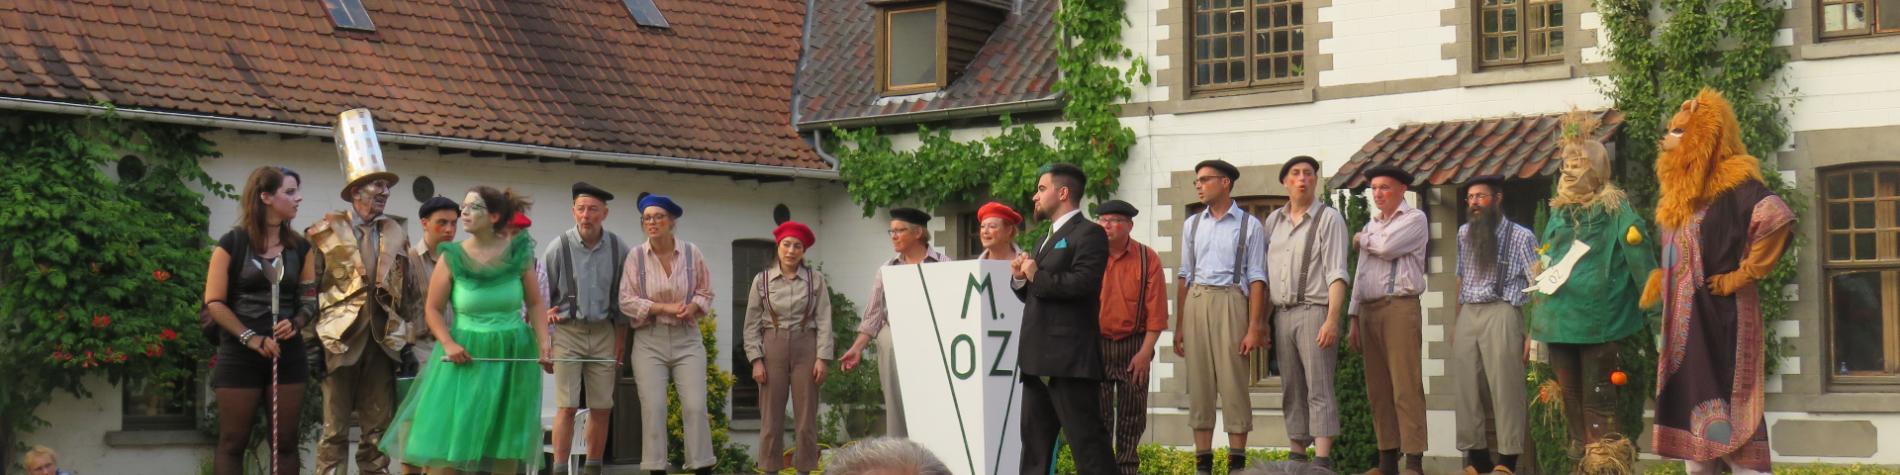 Evénement au Centre Culturel du Pays des Collines - Création Théâtrale 2018 Le Magicien d'Oz